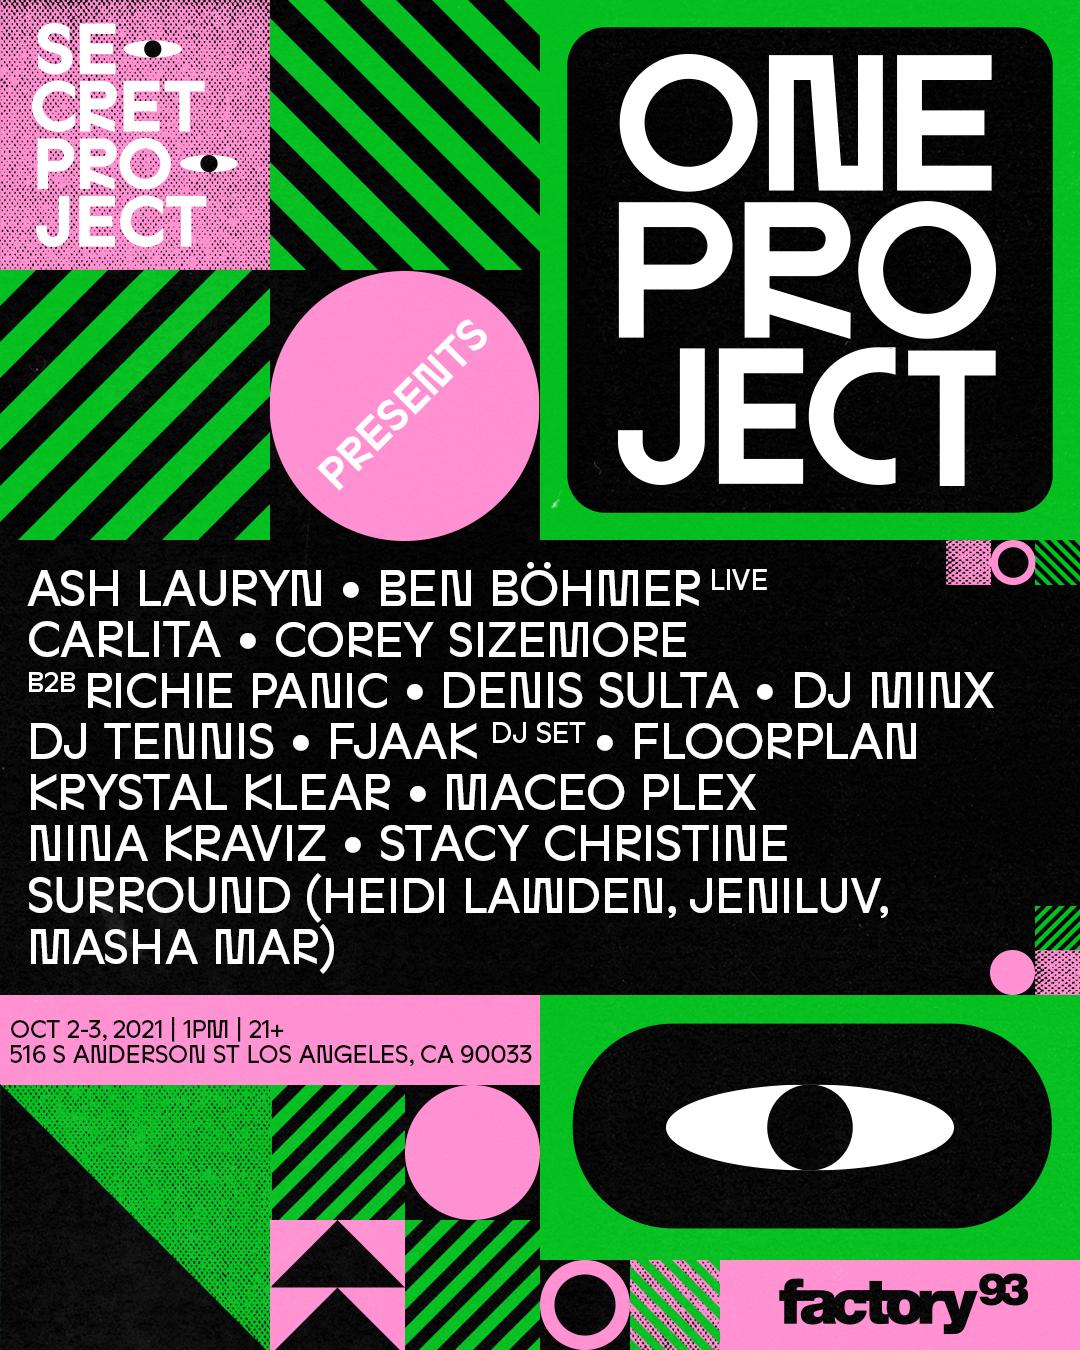 Factory 93 reveals Secret Project's 'One Project' lineup: Nina Kraviz, Maceo Plex, and moreA4d9a96c 42d0 2409 46ff 03859f155551.png?w=564&dpr=2